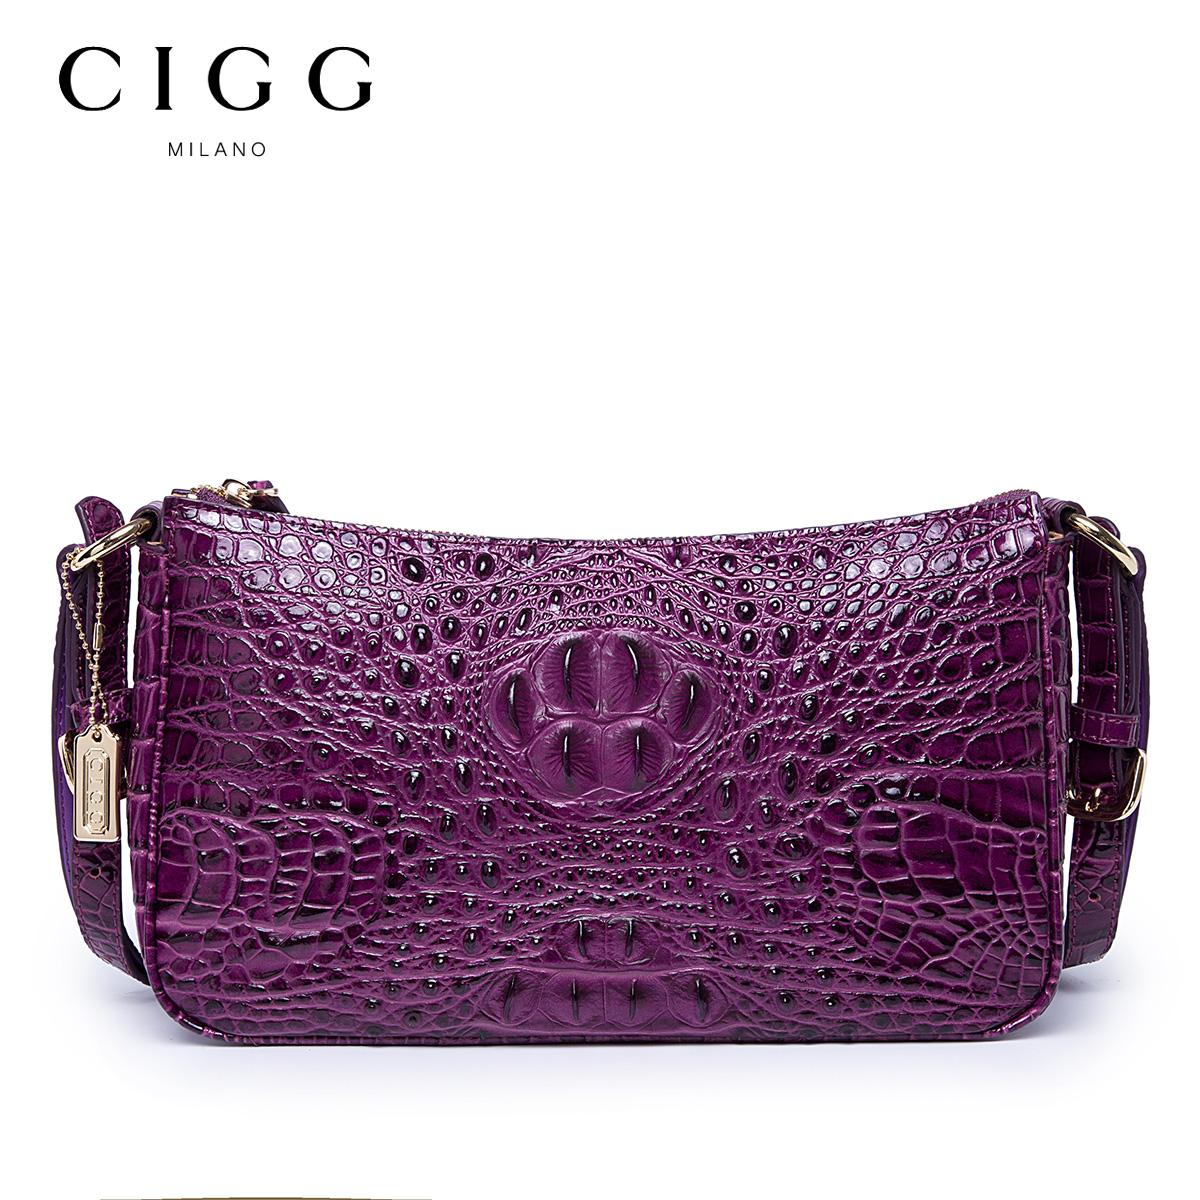 CIGG/西歌真皮女包 头层牛皮鳄鱼纹中年女士欧美时尚单肩包新月包